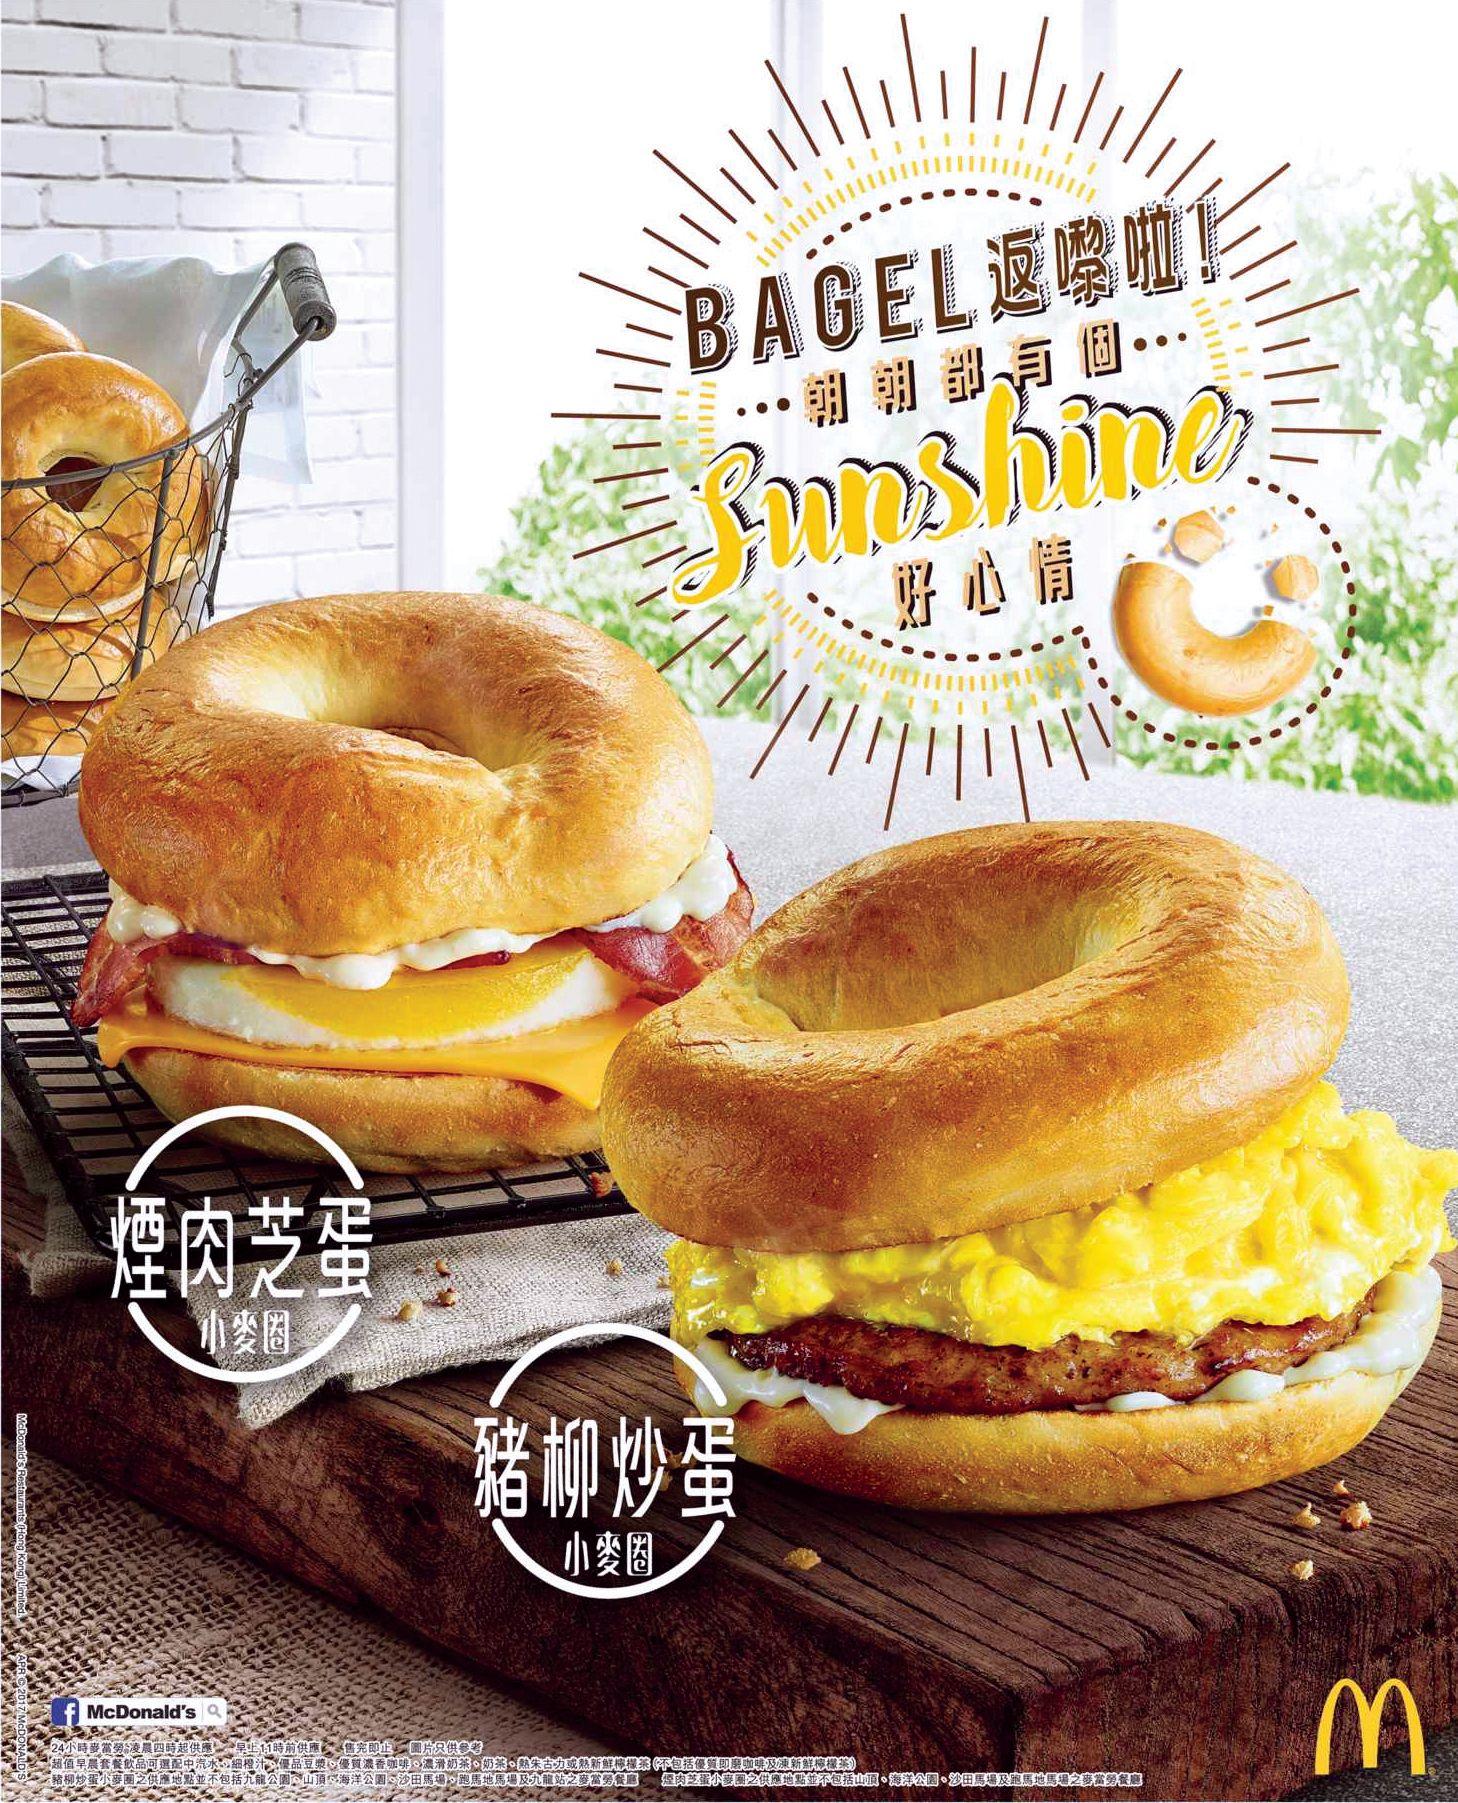 Donut Hamburger Food poster design, Food ads, Food poster